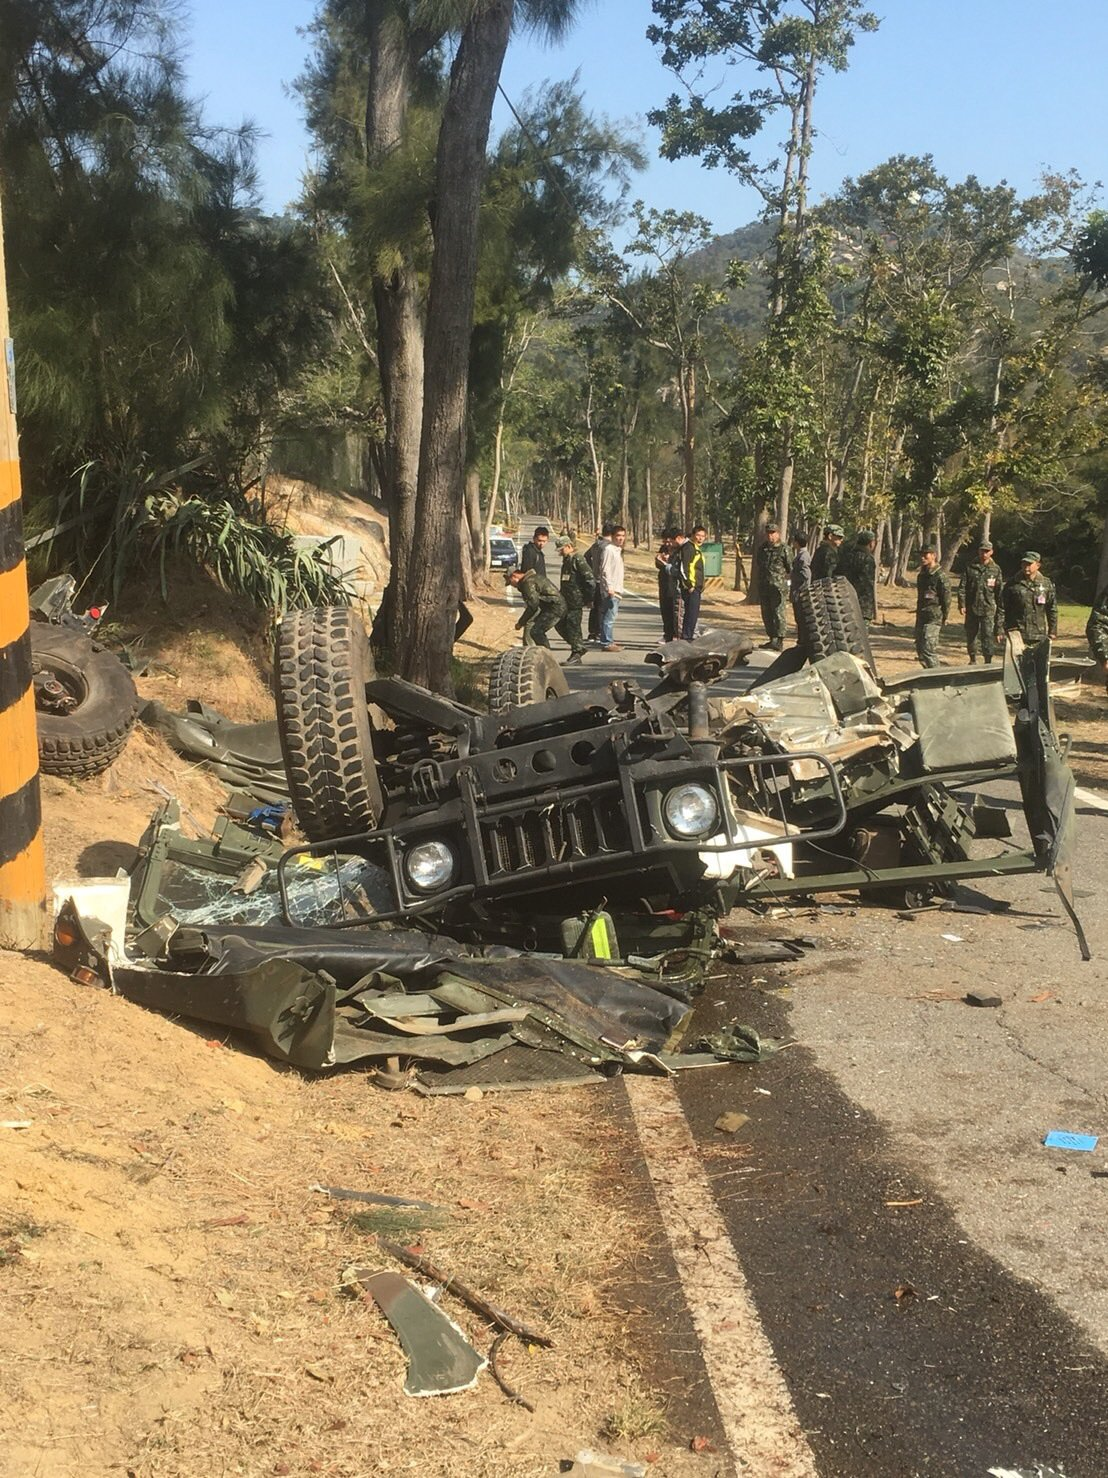 金防部本部連於今日上午在營區內執行車輛動力測試訓練時,1輛悍馬車因不慎擦撞邊坡,...